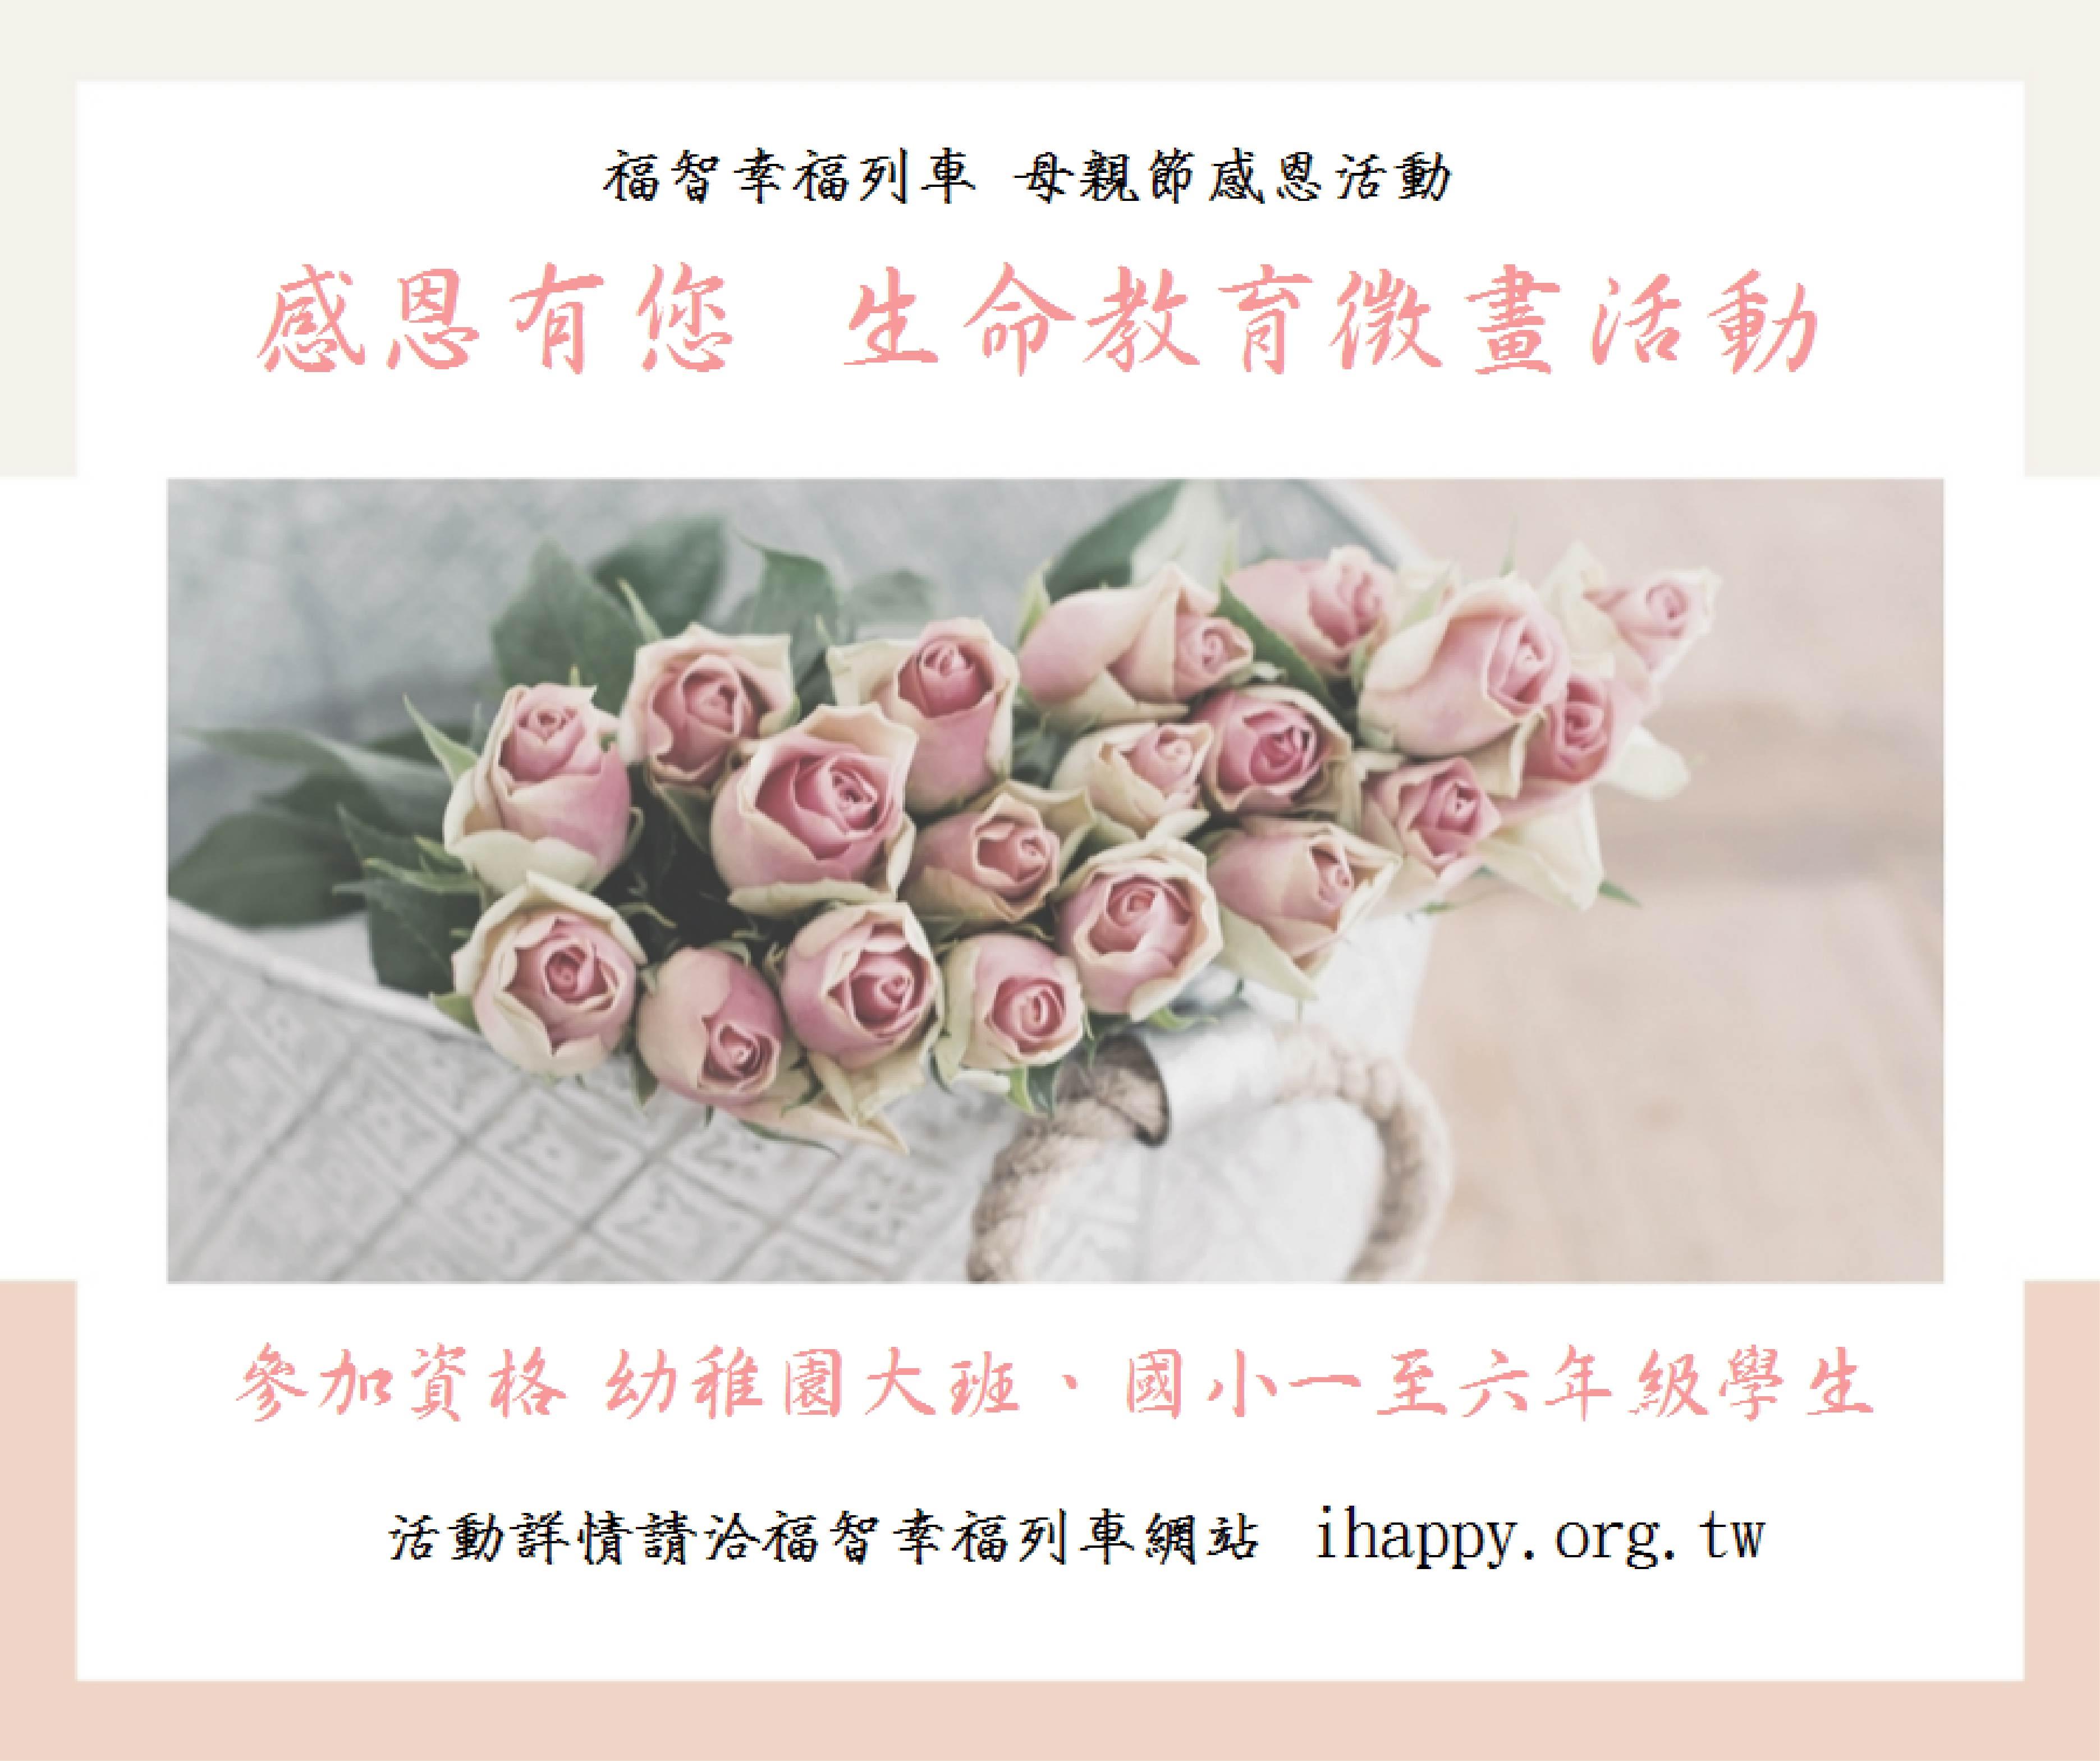 福智幸福列車「感恩有您」徵畫比賽得獎名單